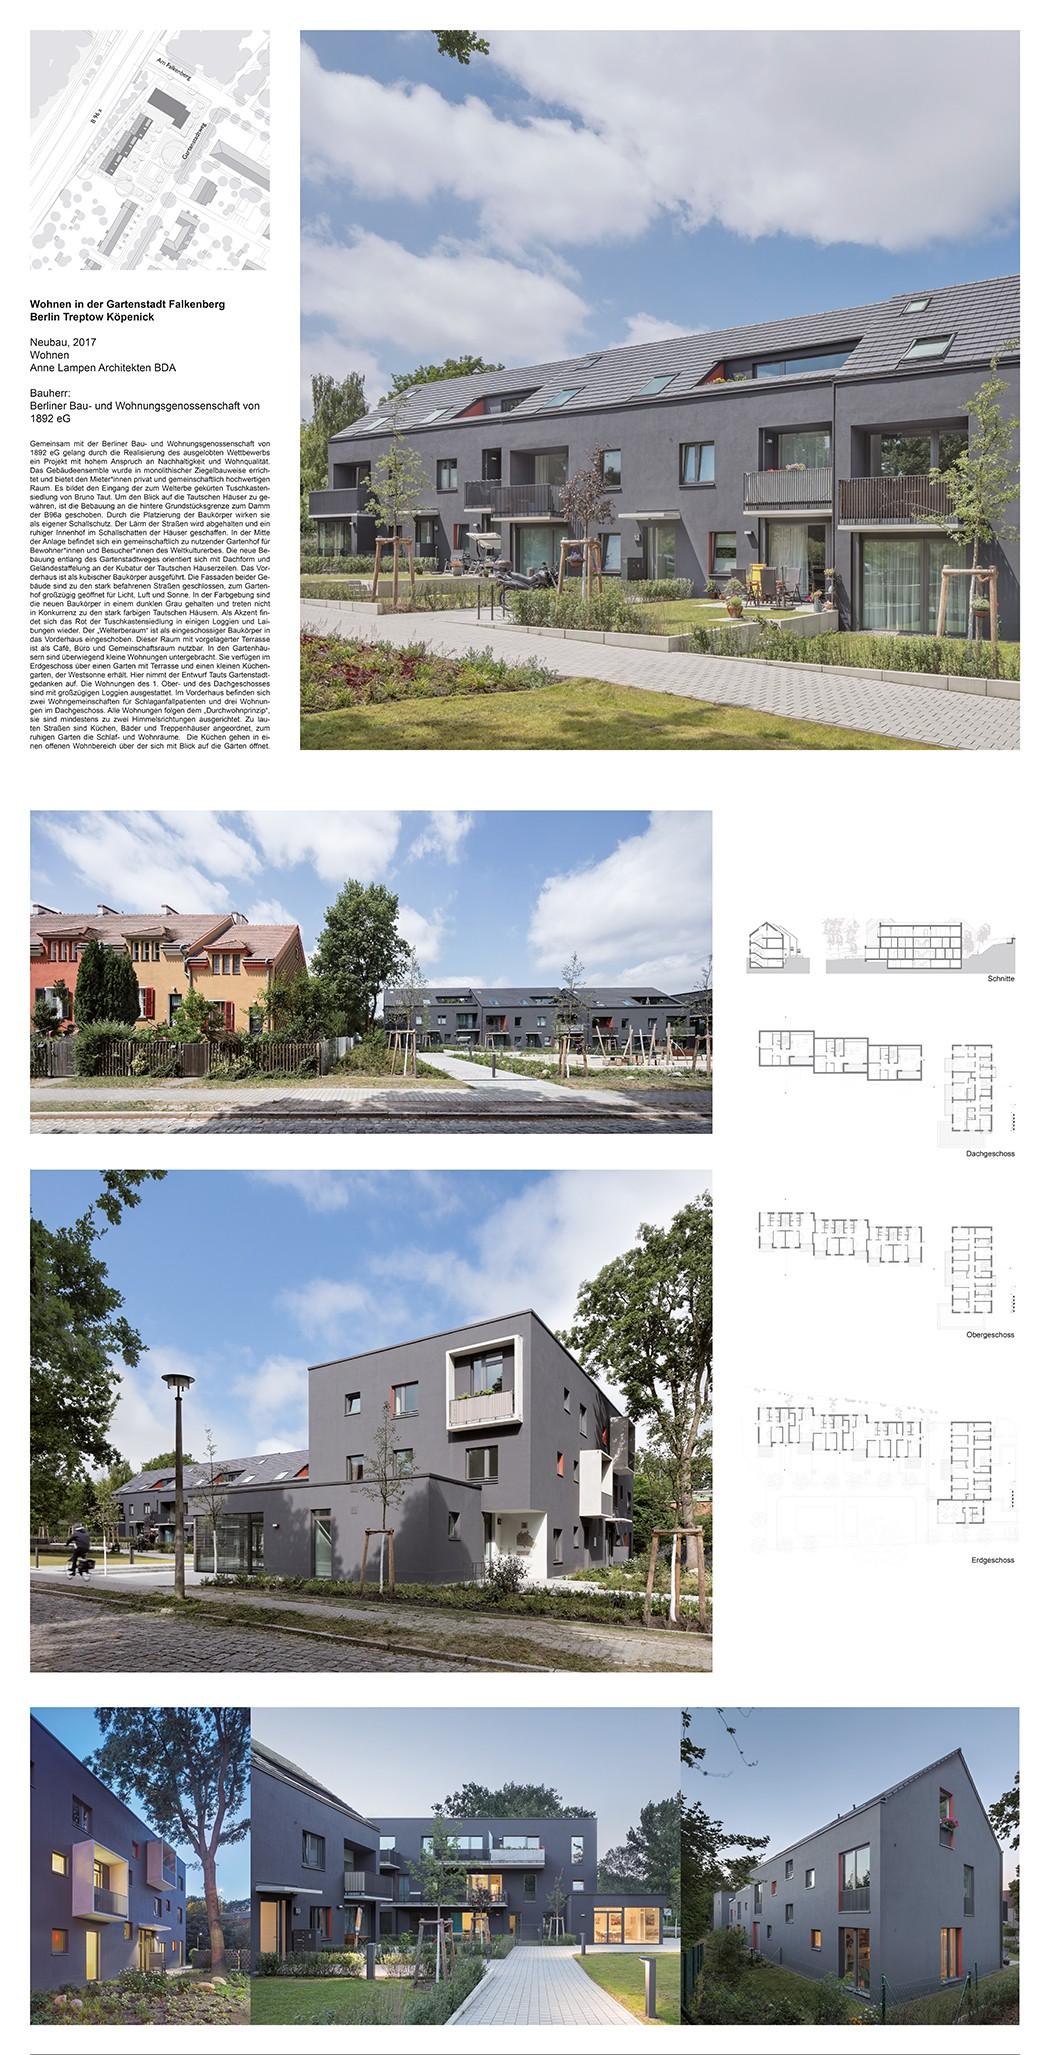 84 Neues Wohnen In Der Gartenstadt Falkenberg Am Falkenberg 115